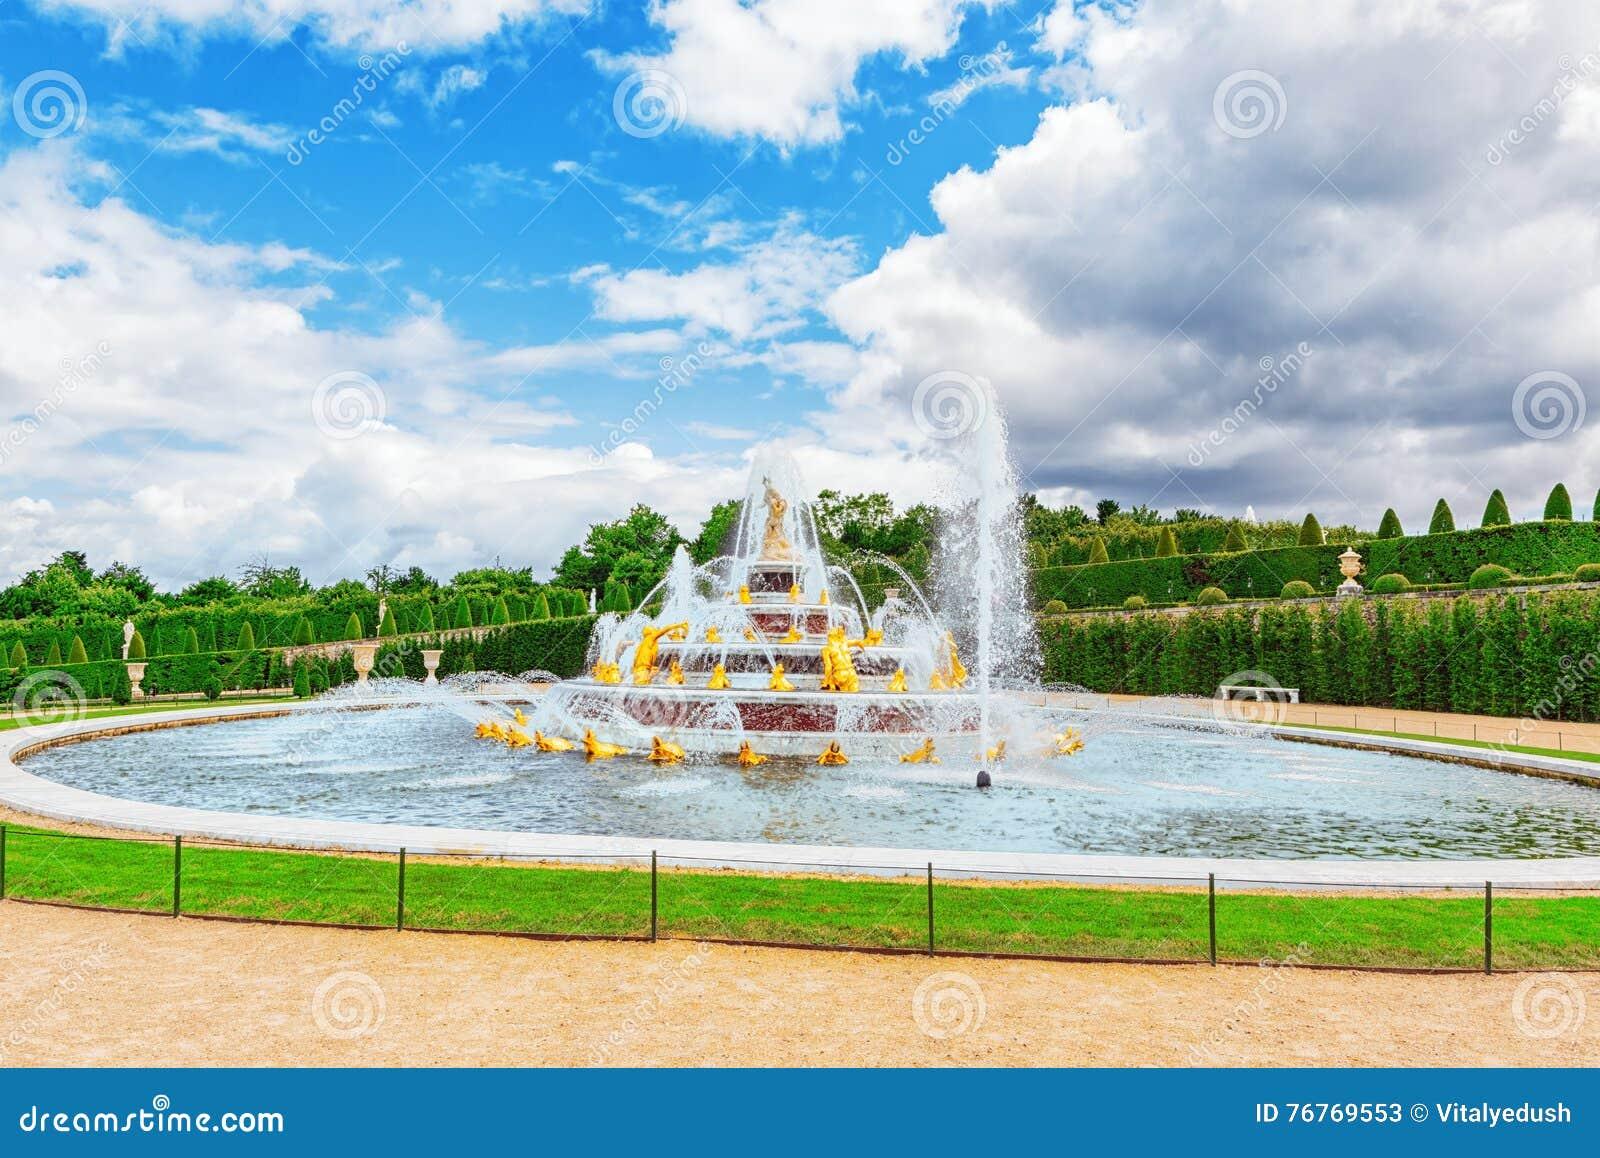 Versailles france 2 juillet 2016 piscine de fontaine for Piscine de versailles